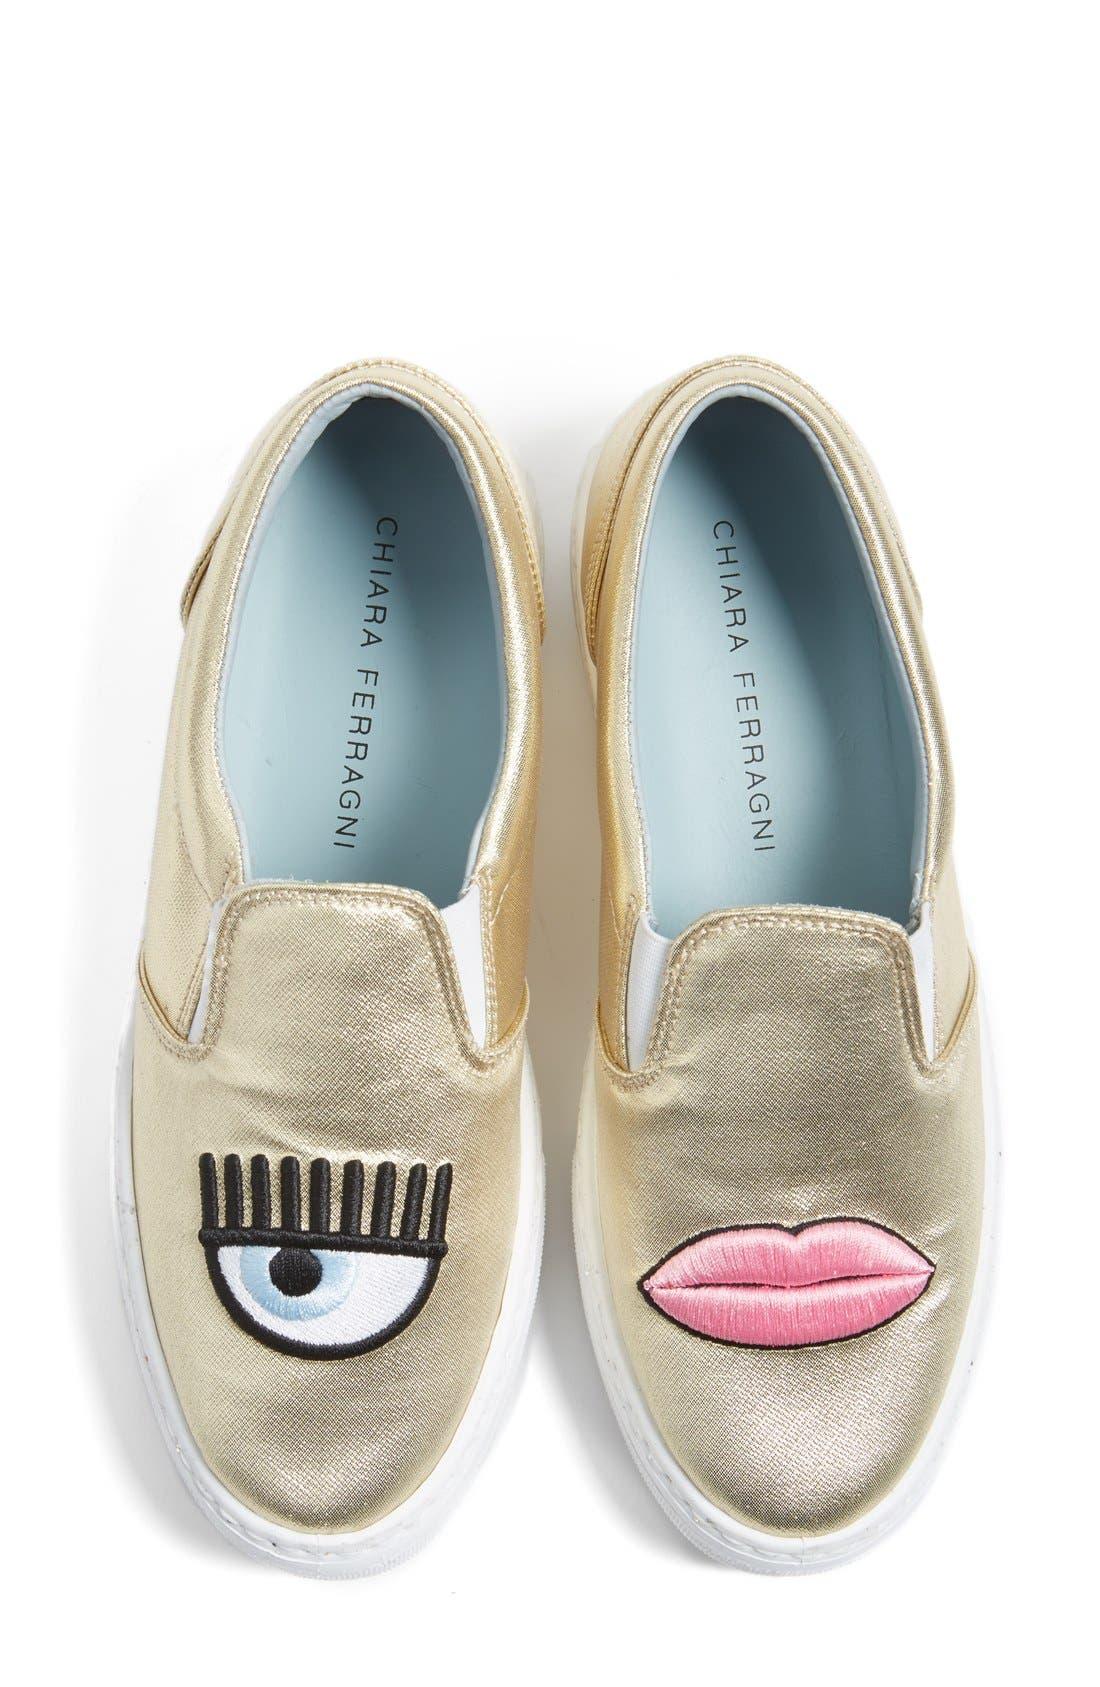 Flirting Lips Slip-On Sneaker,                             Main thumbnail 1, color,                             710